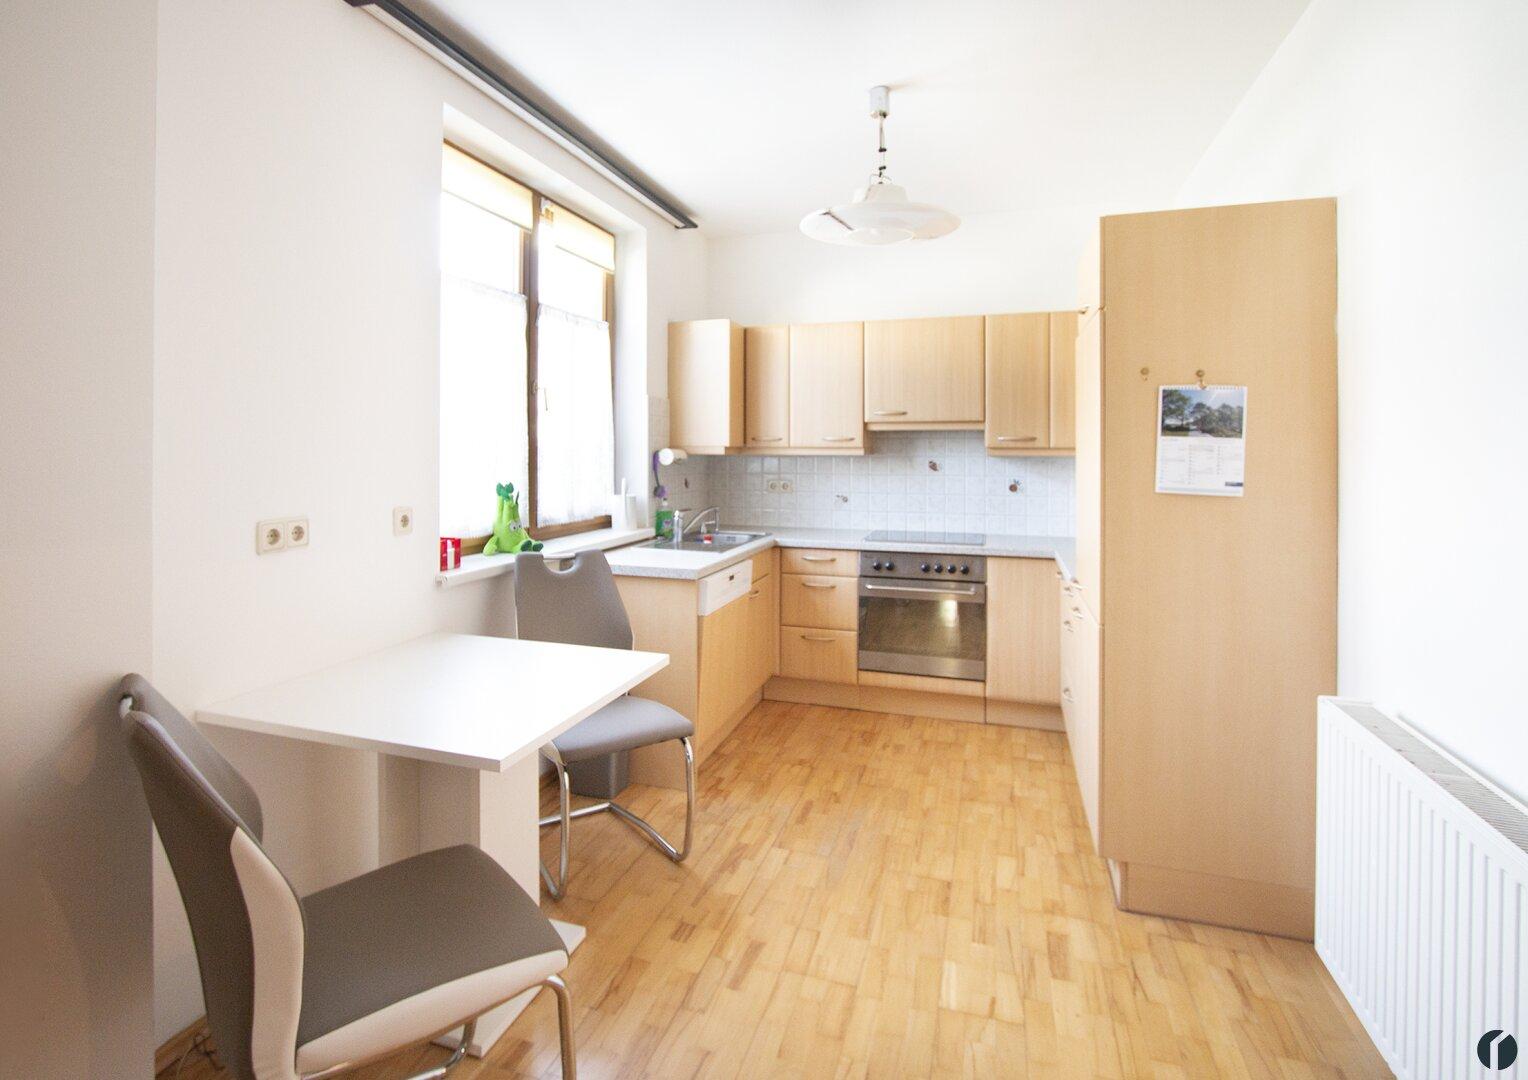 Küche möbliert mit kleinem Essplatz